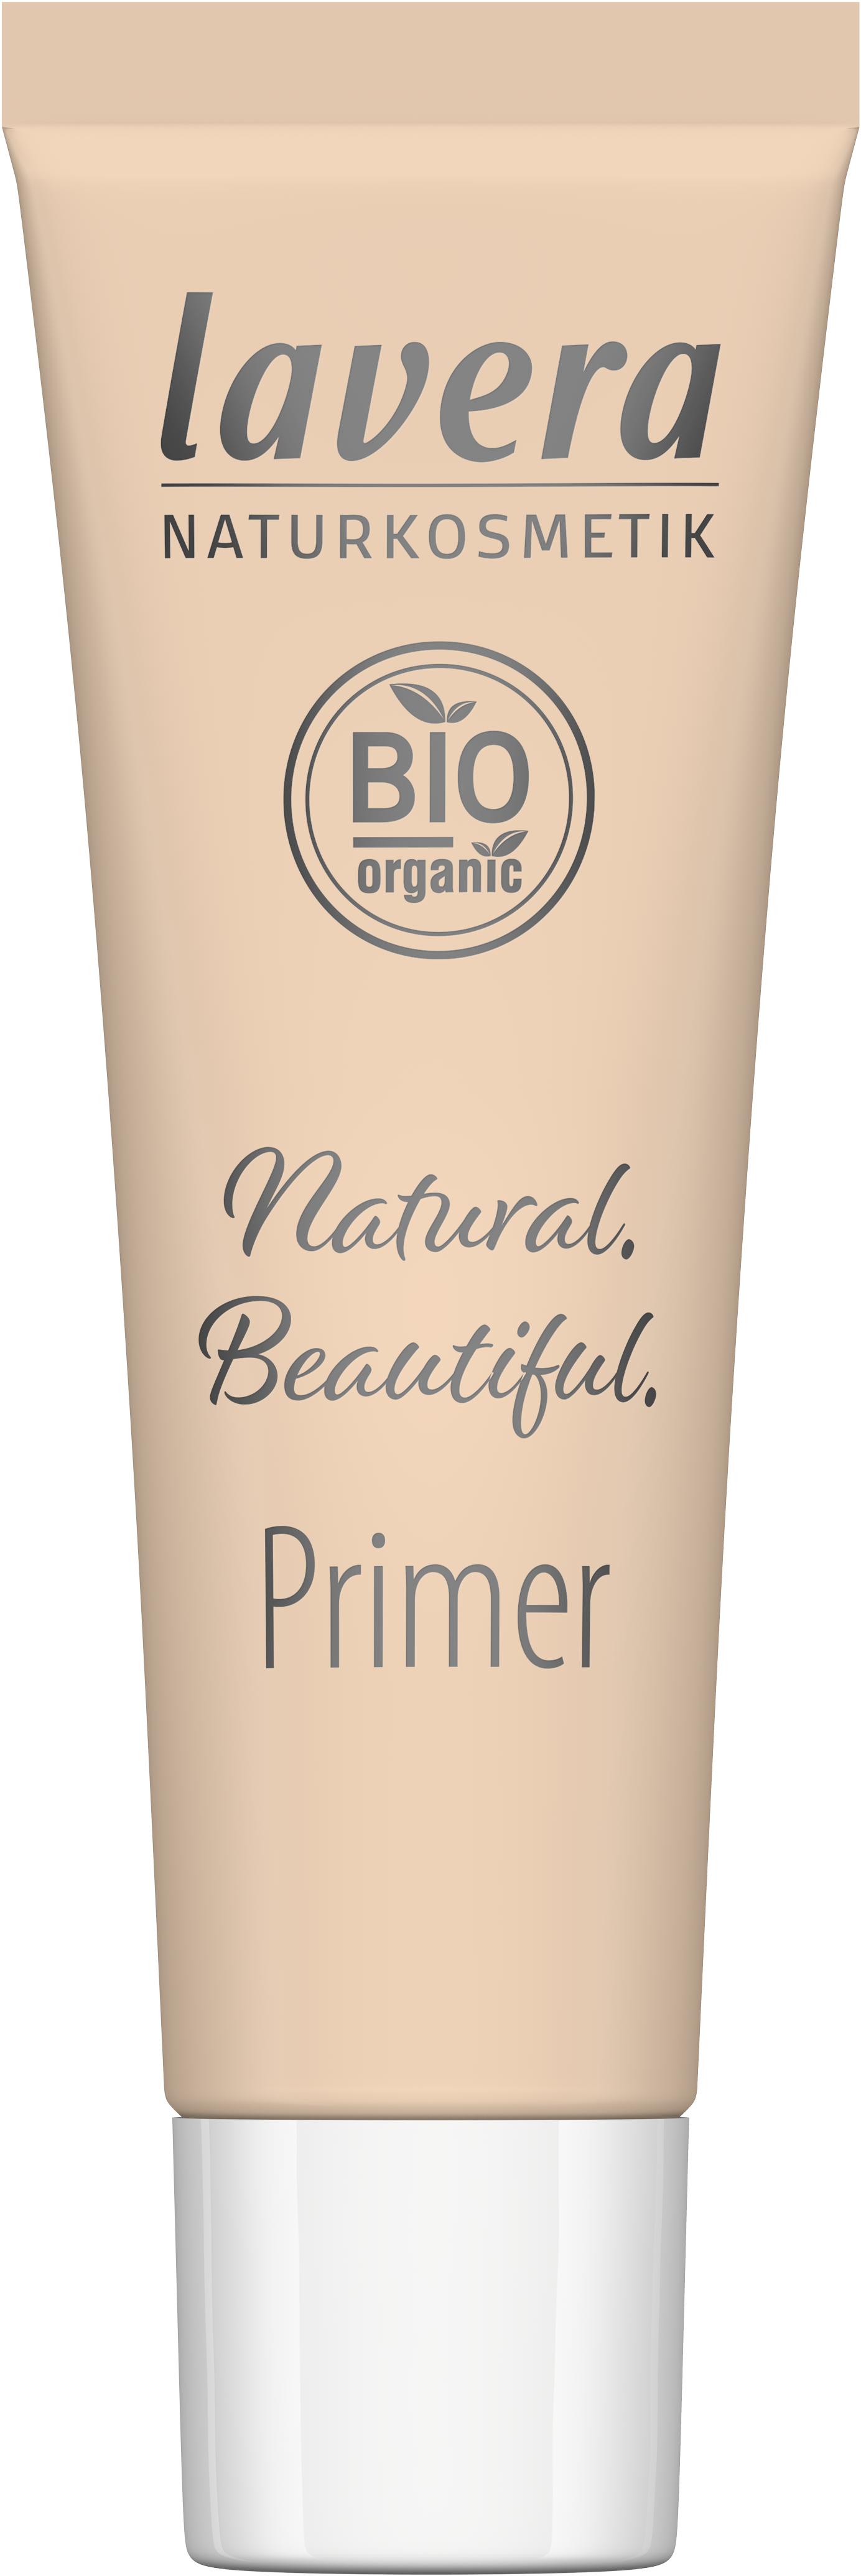 Natural. Beautiful. Primer